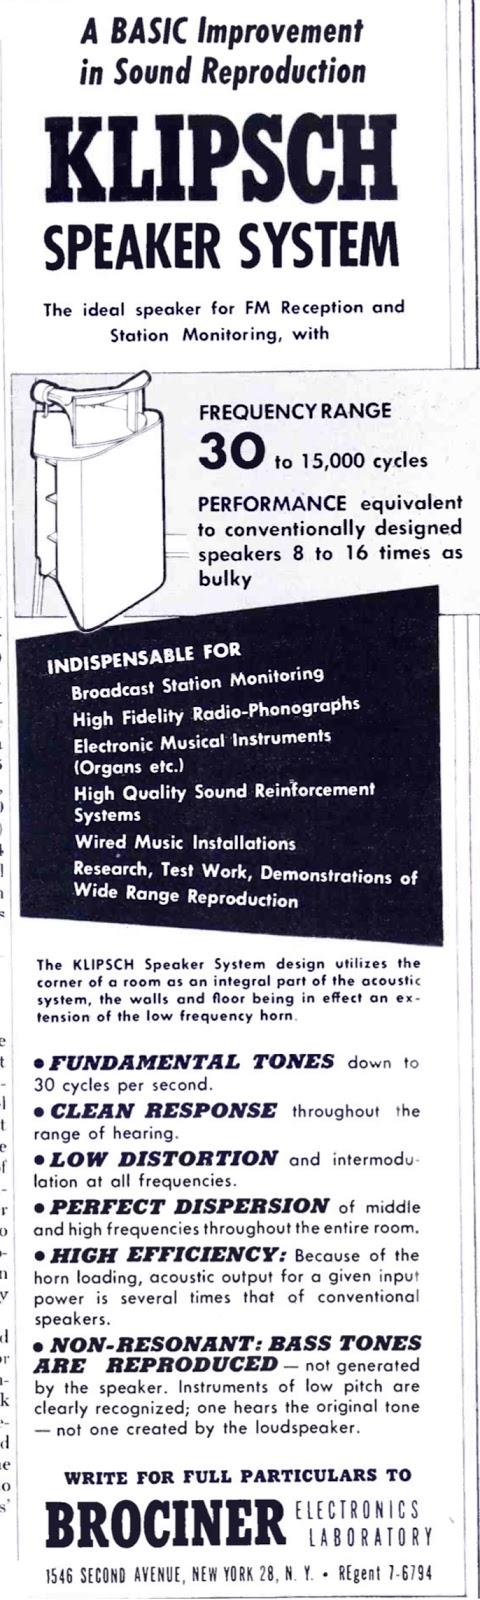 Brociner Klipsch Speaker System